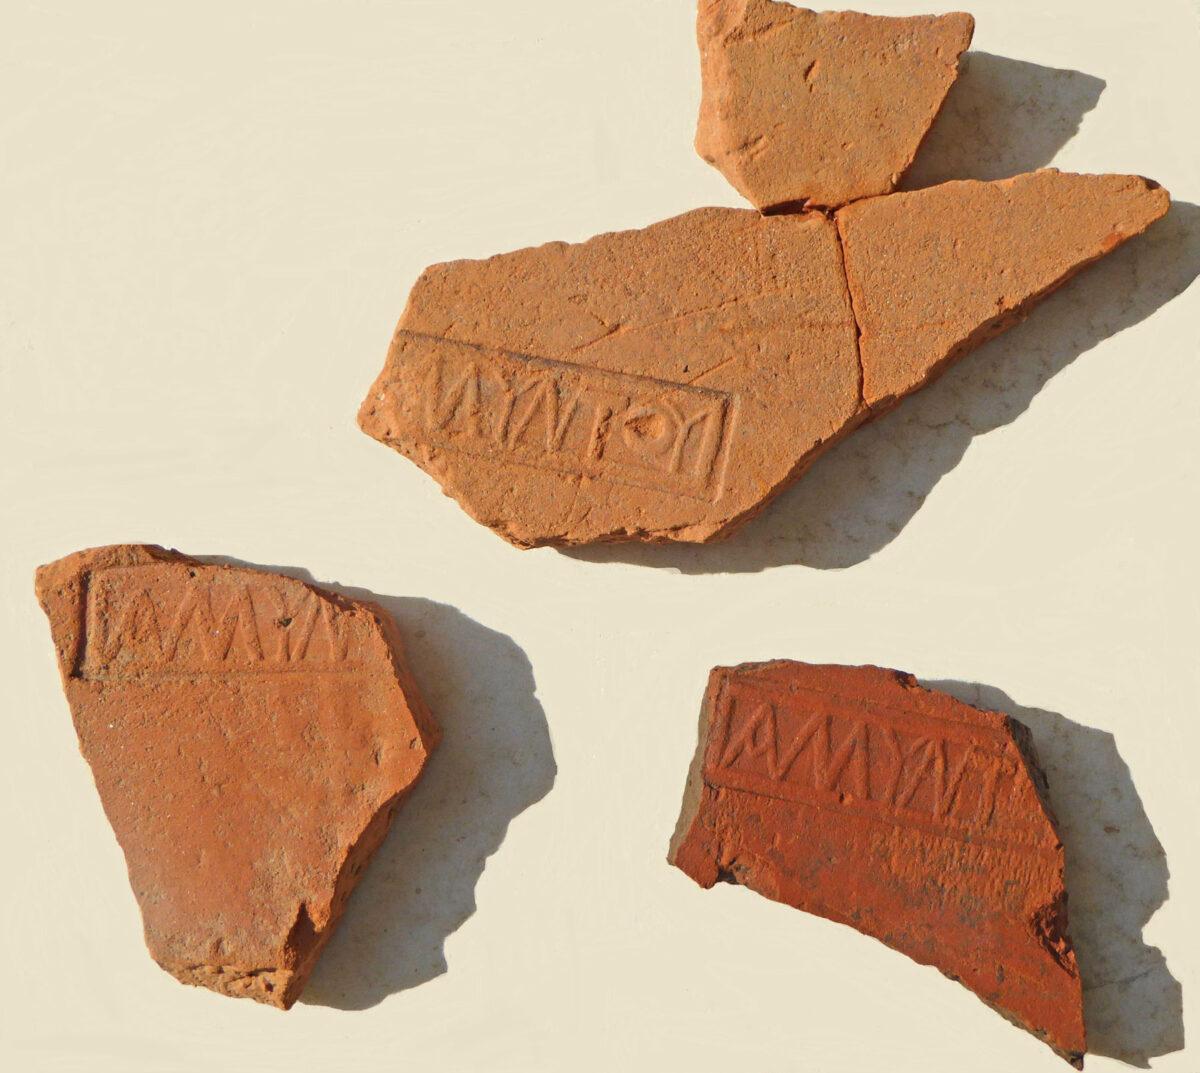 Κομμάτια κεραμιδιών («λακωνικοί» στρωτήρες) με την επιγραφή ΑΜΥΝΤΟΥ. Φωτ.: Εφορεία Αρχαιοτήτων Ημαθίας.